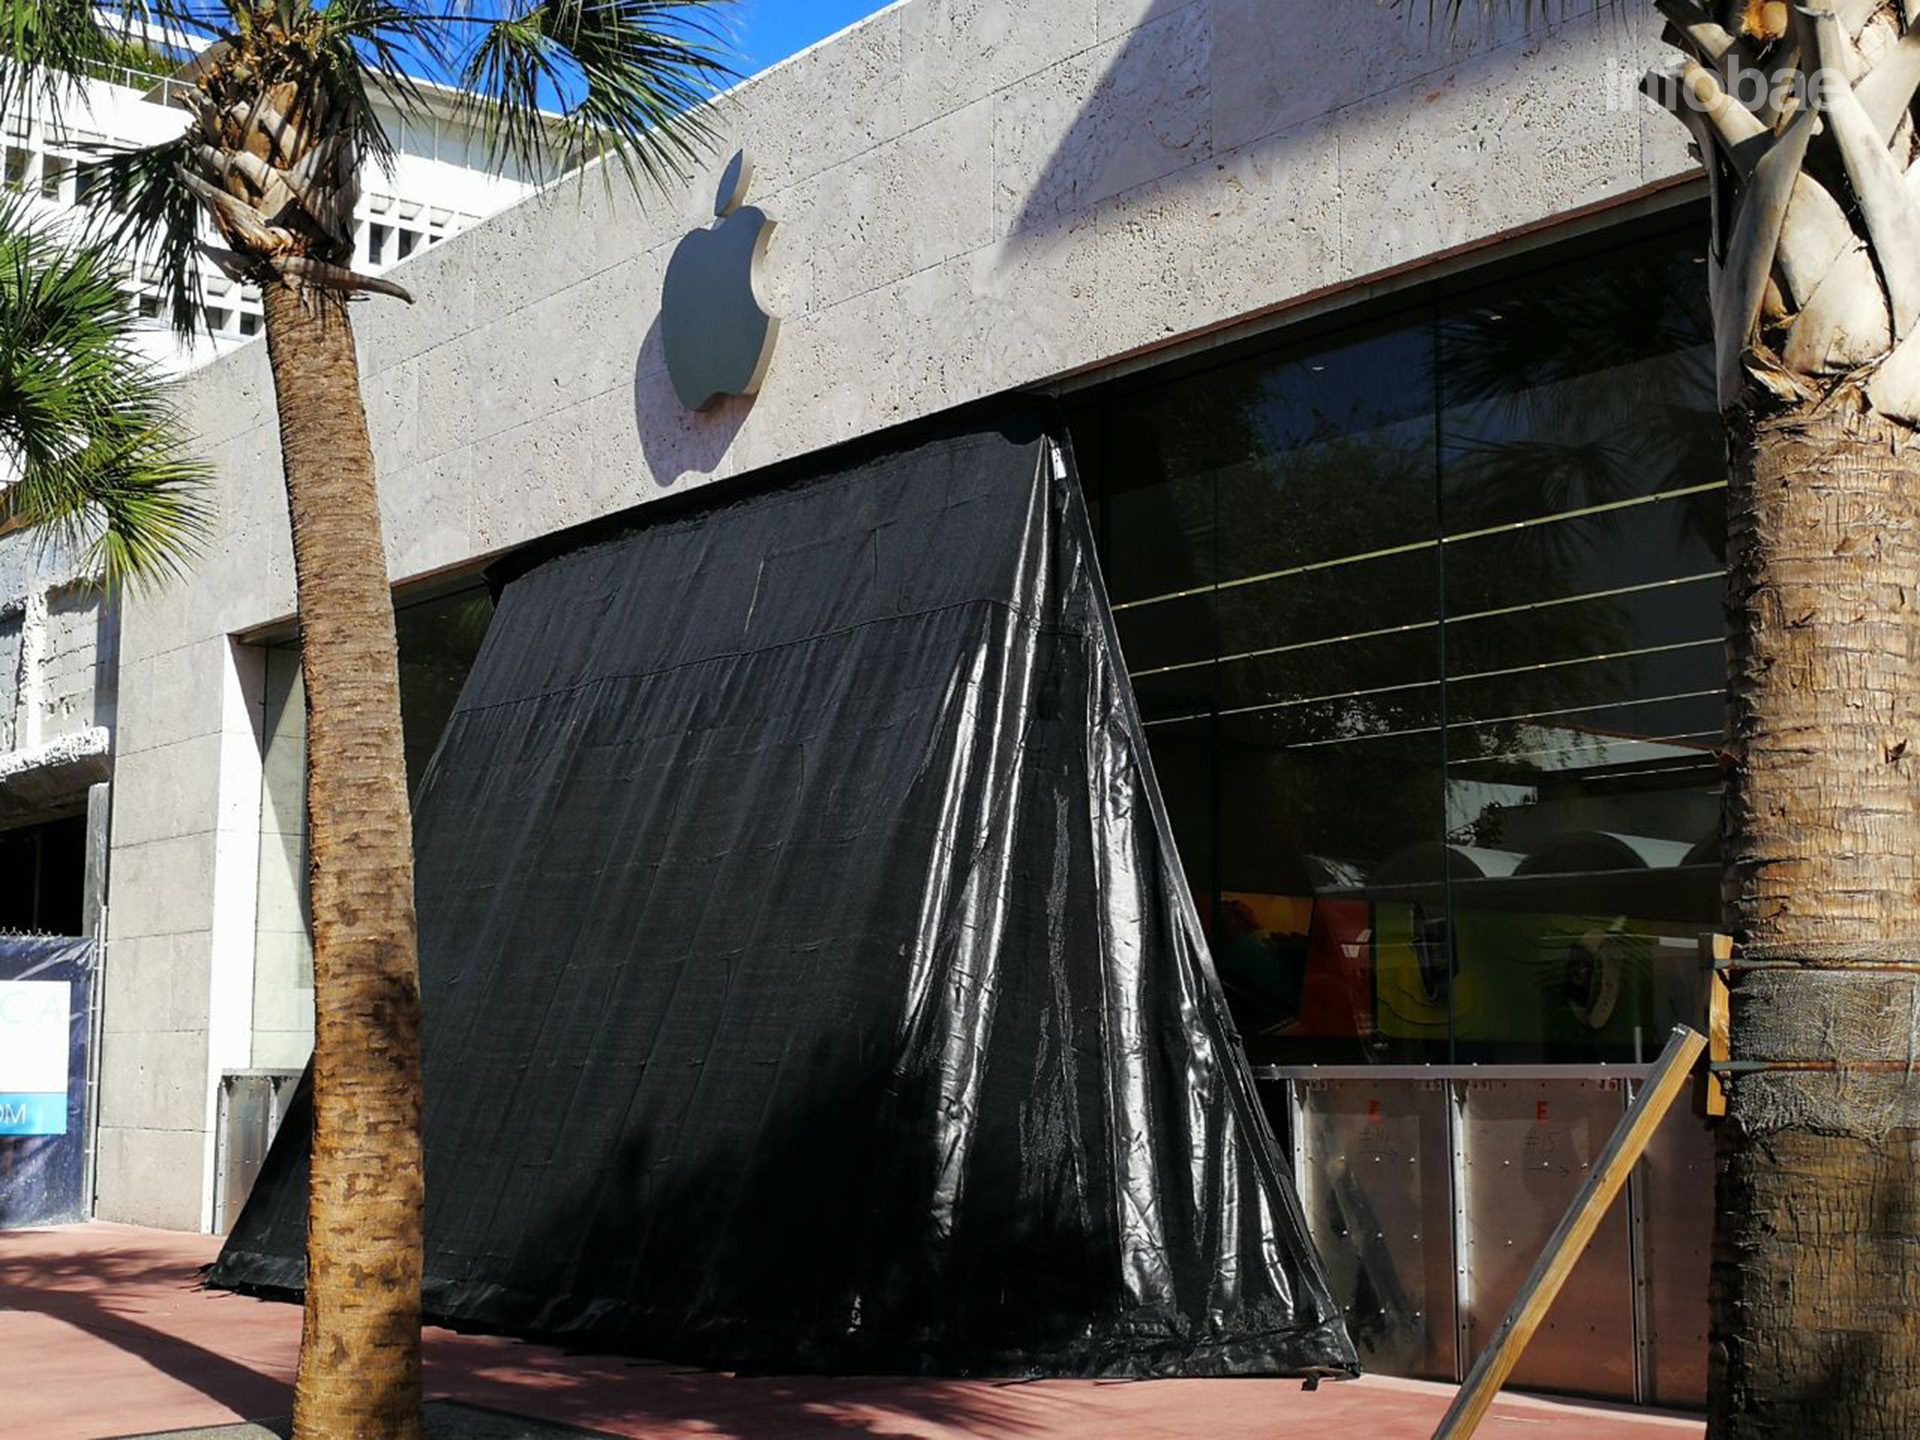 El famoso Apple Store de Miami Beach, preparado para lo peor (Infobae)